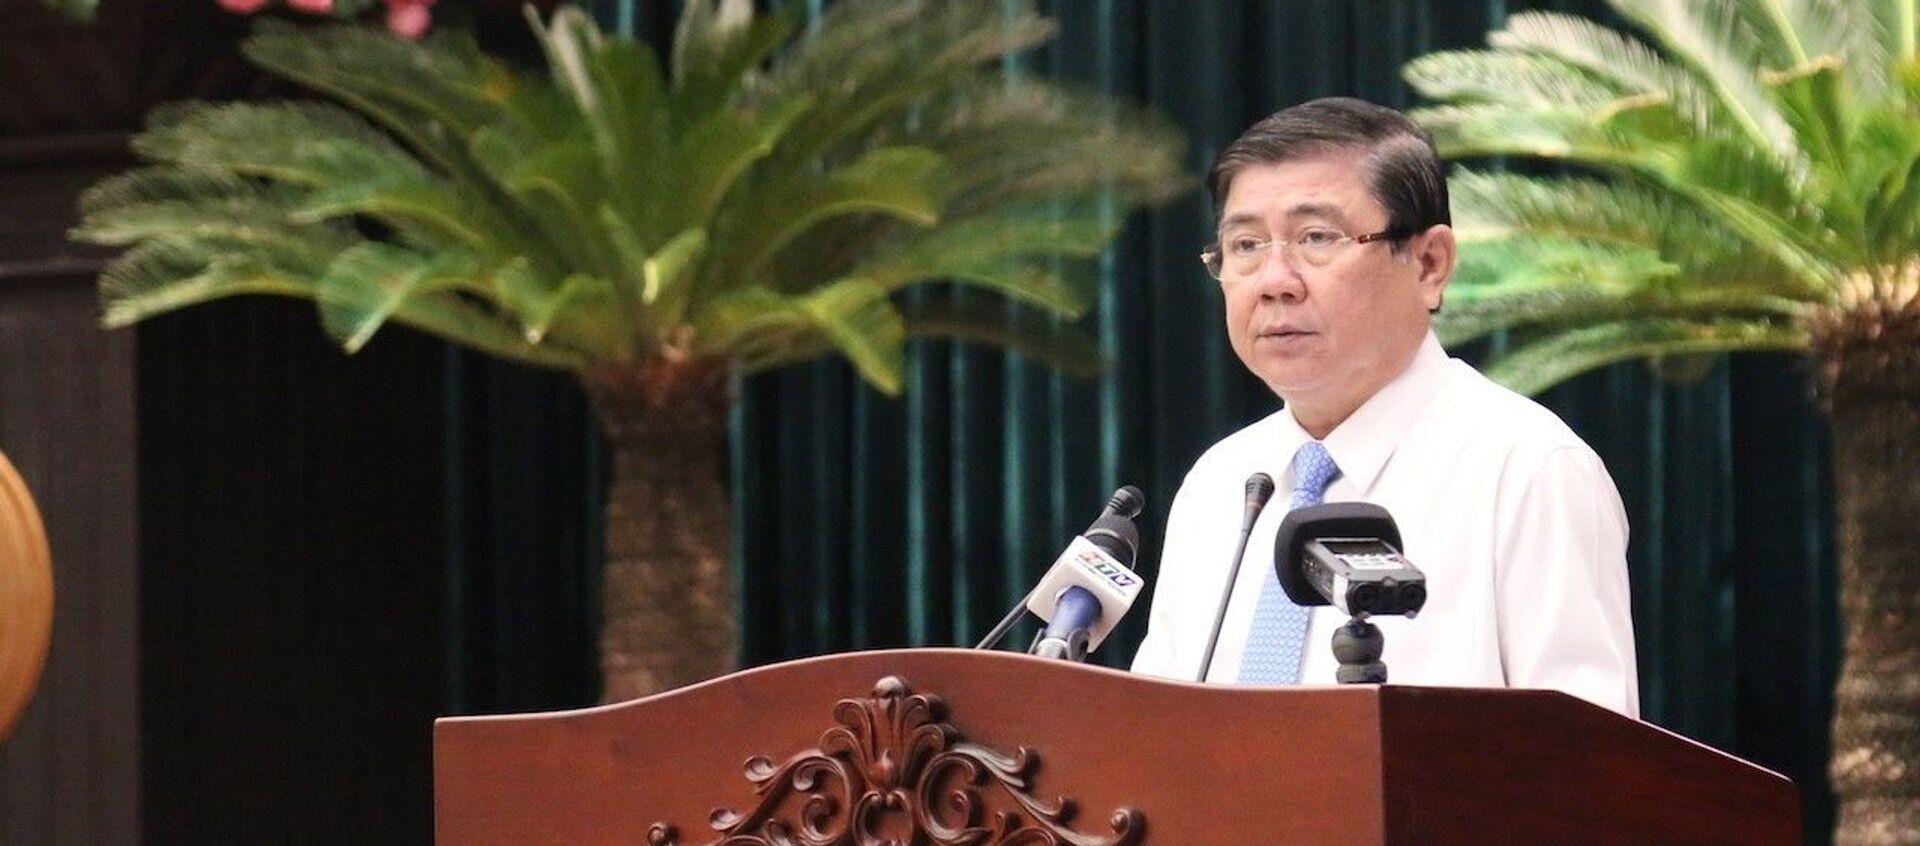 Chủ tịch UBND TP. Hồ Chí Minh Nguyễn Thành Phong phát biểu tại hội nghị. - Sputnik Việt Nam, 1920, 28.03.2021